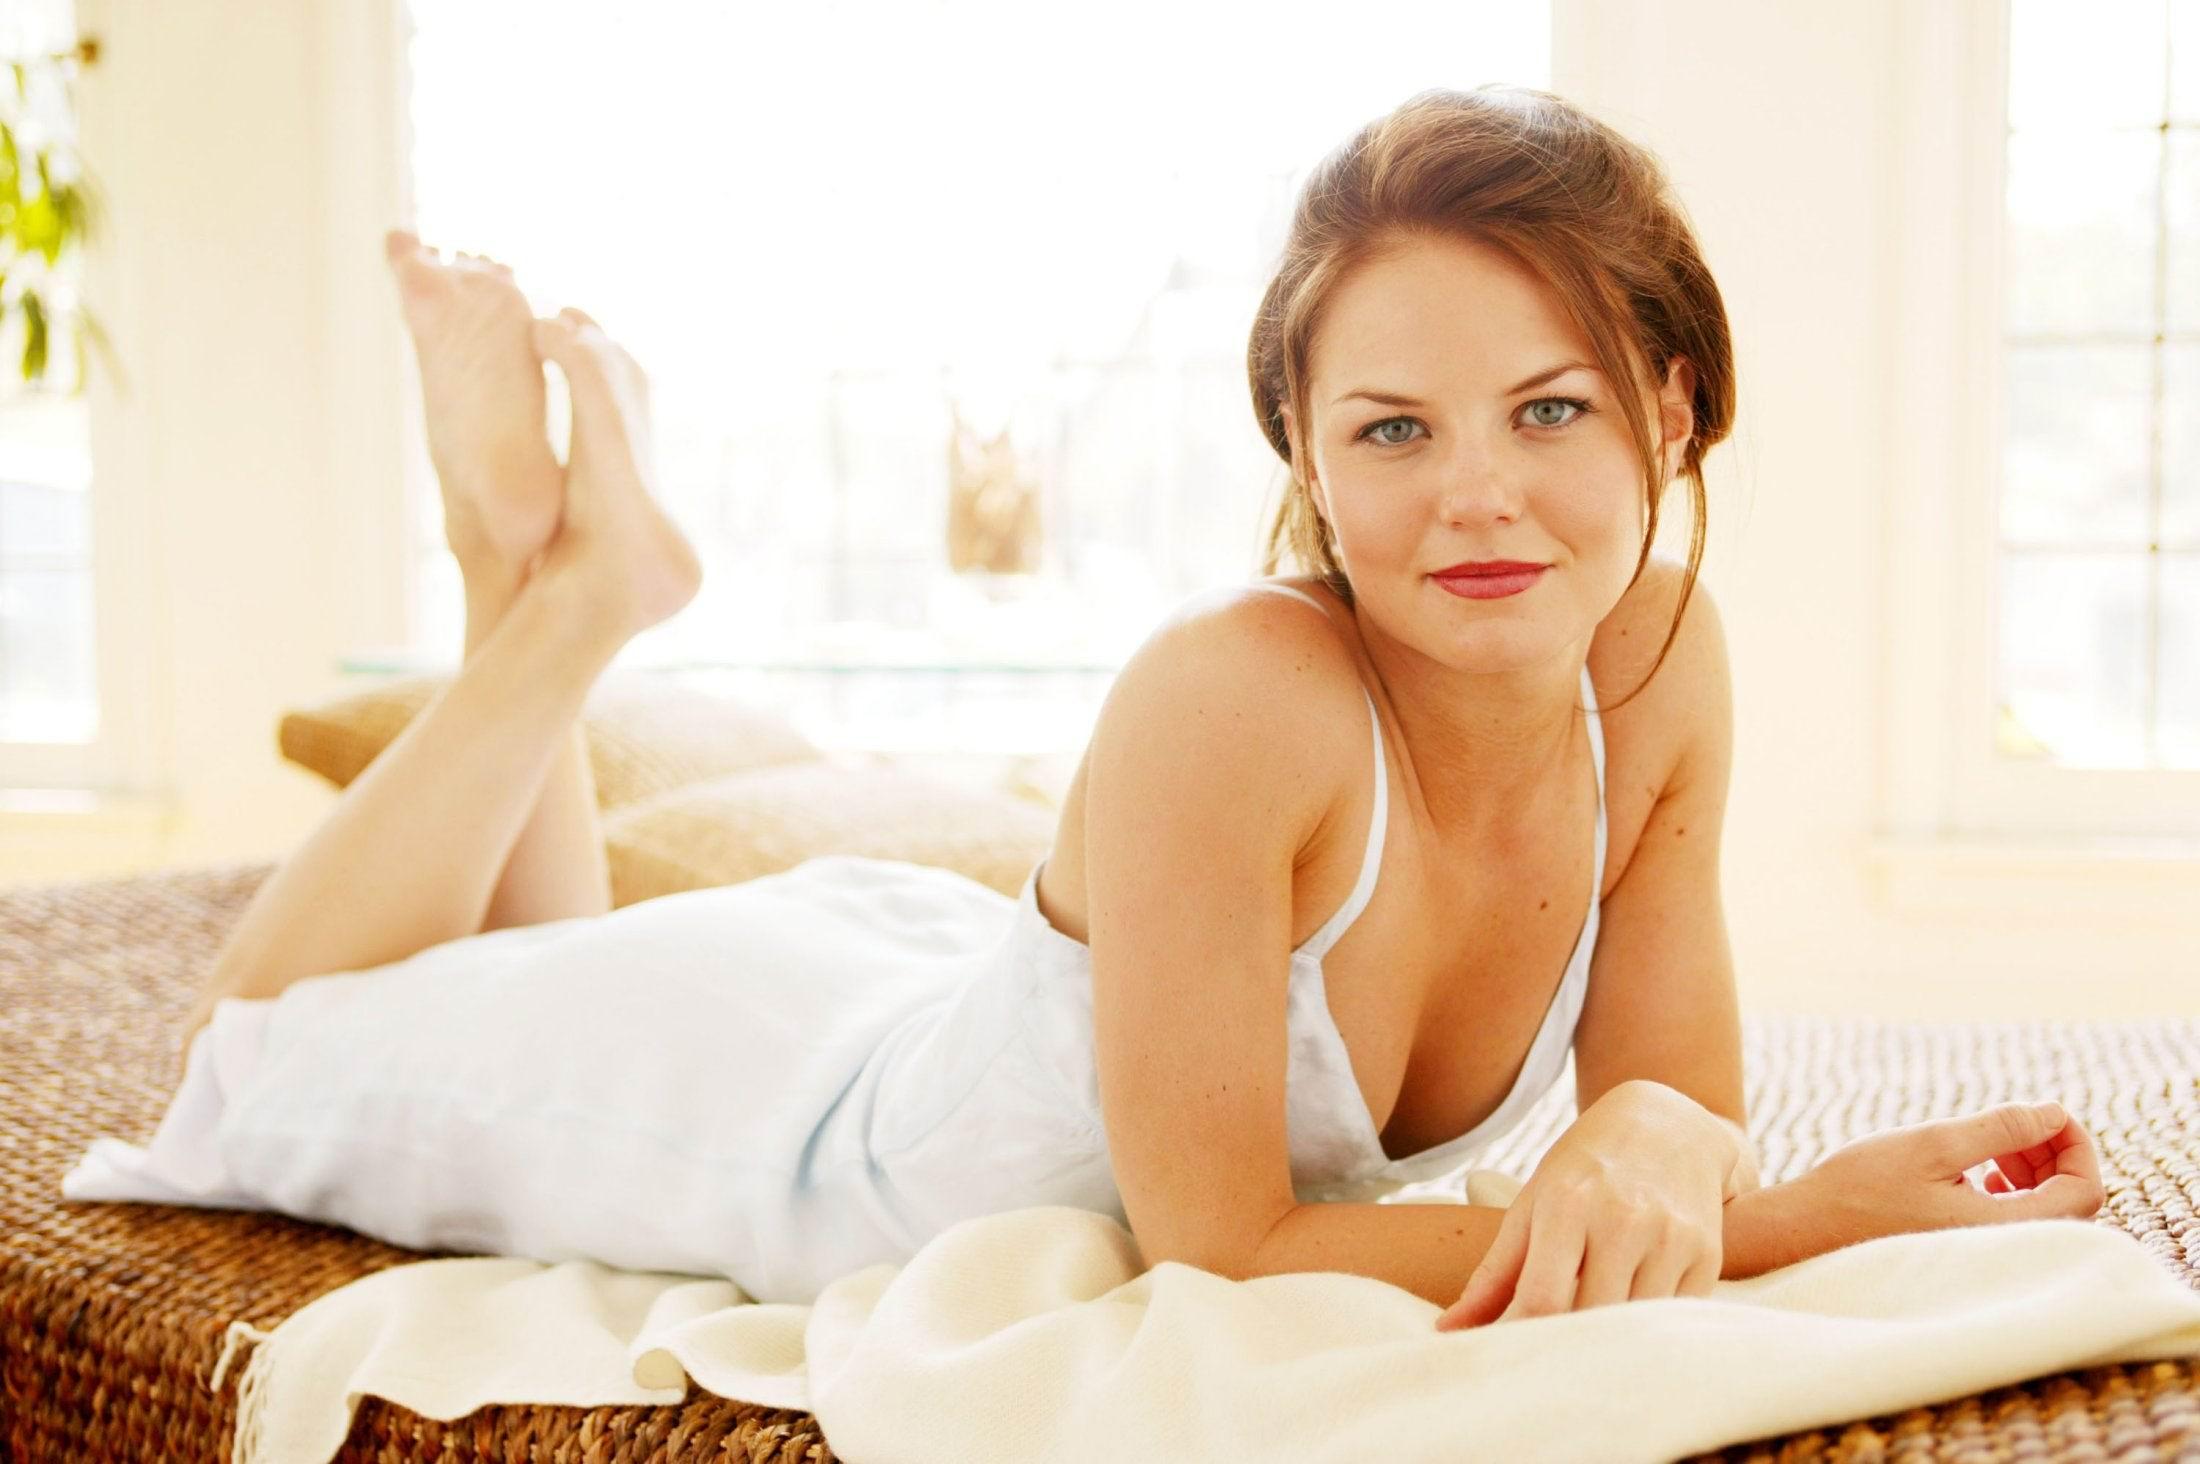 Jennifer Morrison Desnuda Belleza De Cuento De Hadas Cultture